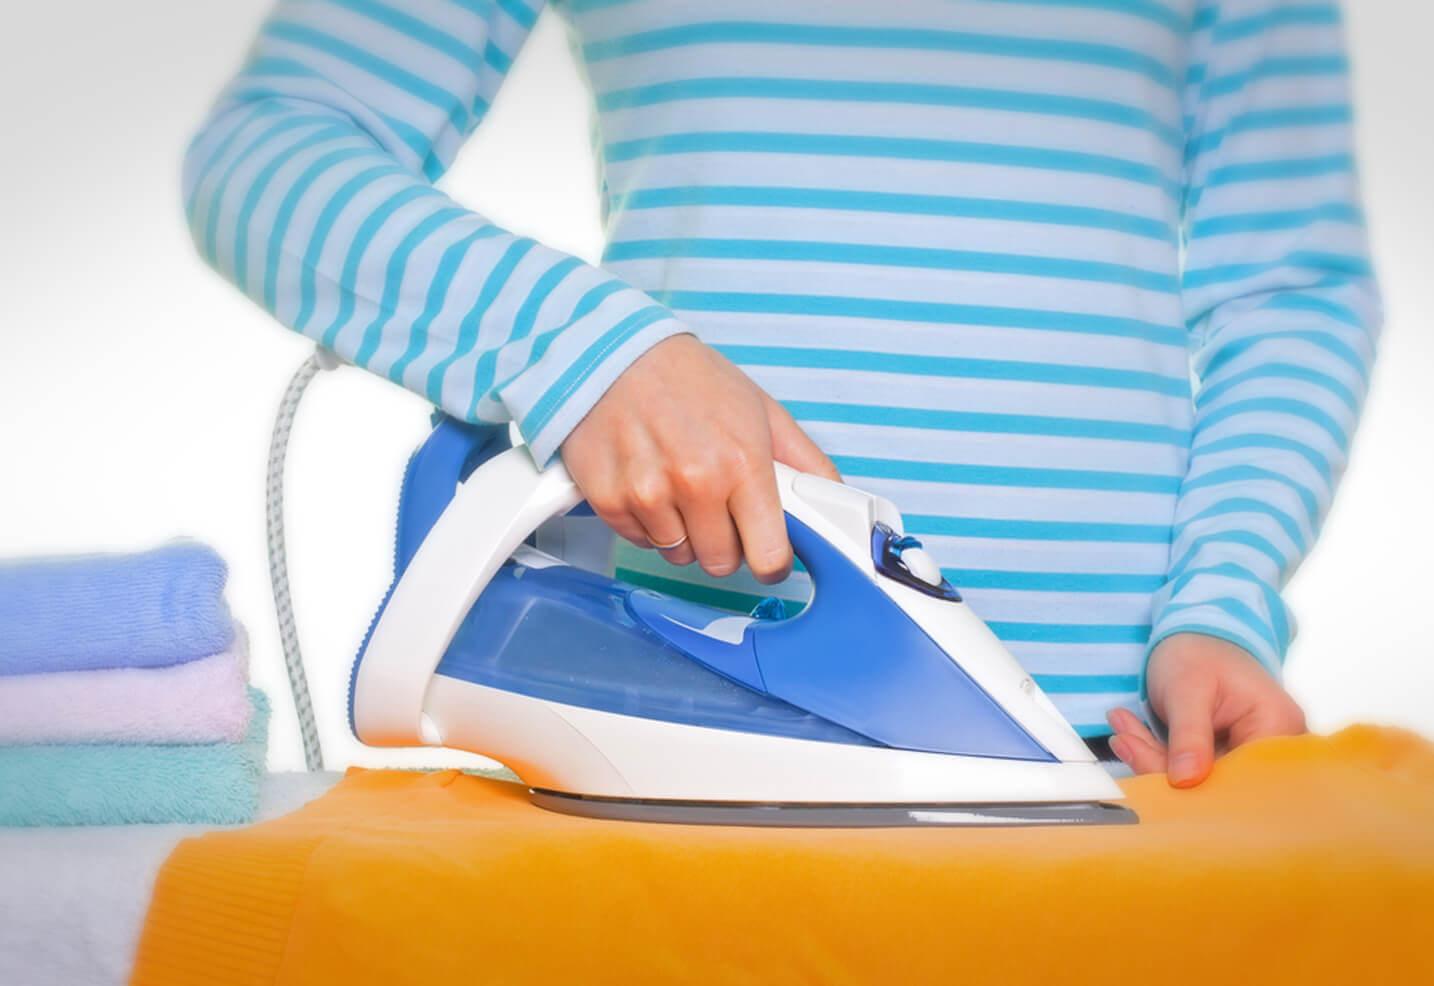 bügeleisen reinigen